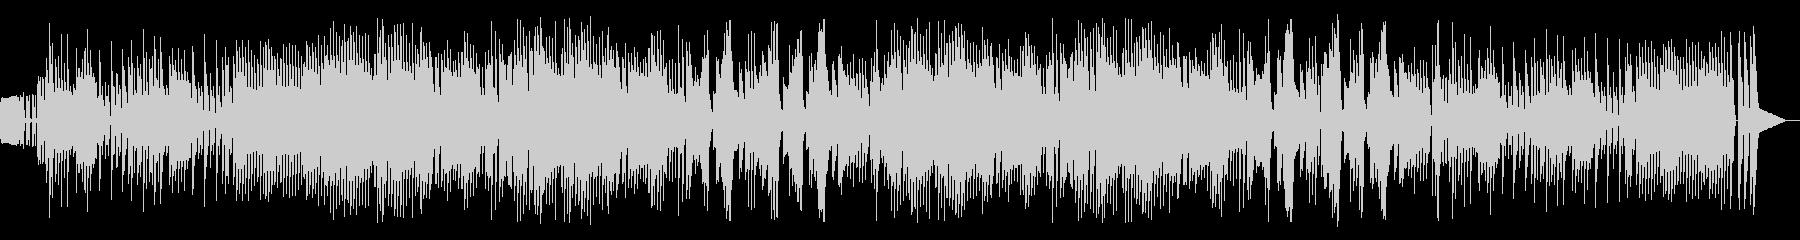 ファミコン風ピコピコバトル曲の未再生の波形